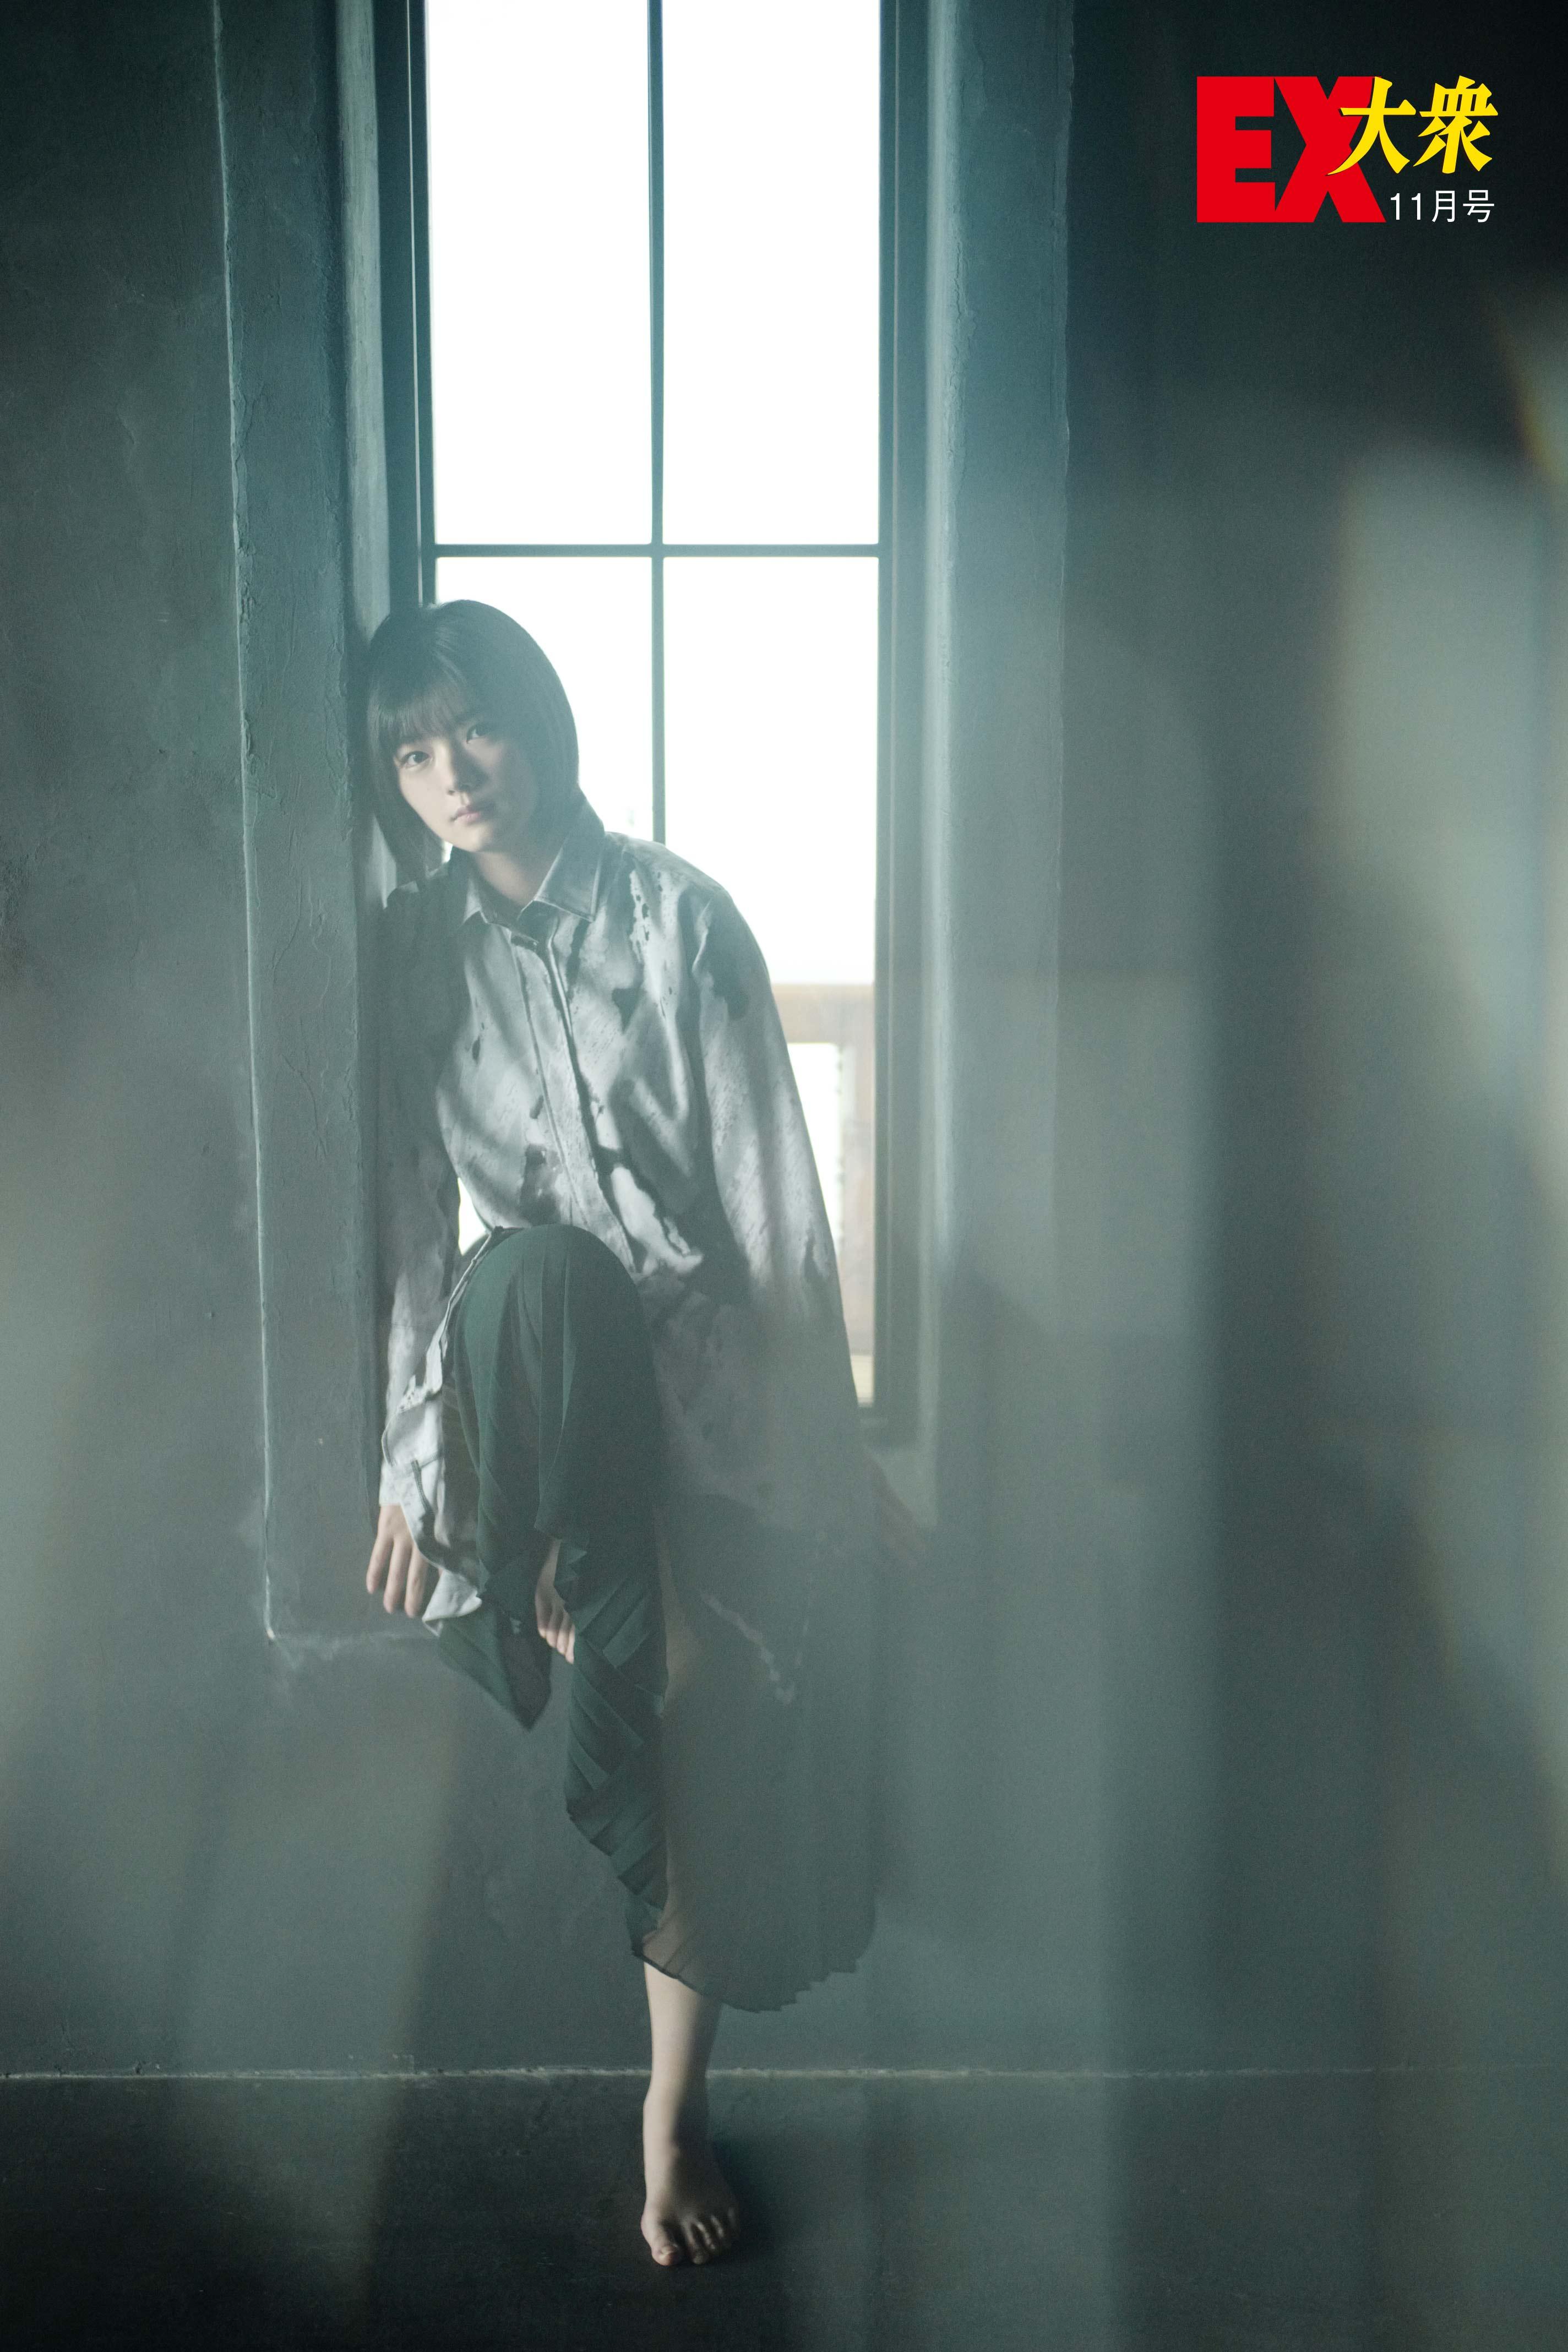 欅坂46藤吉夏鈴の本誌未掲載カット4枚を大公開!【EX大衆11月号】の画像004